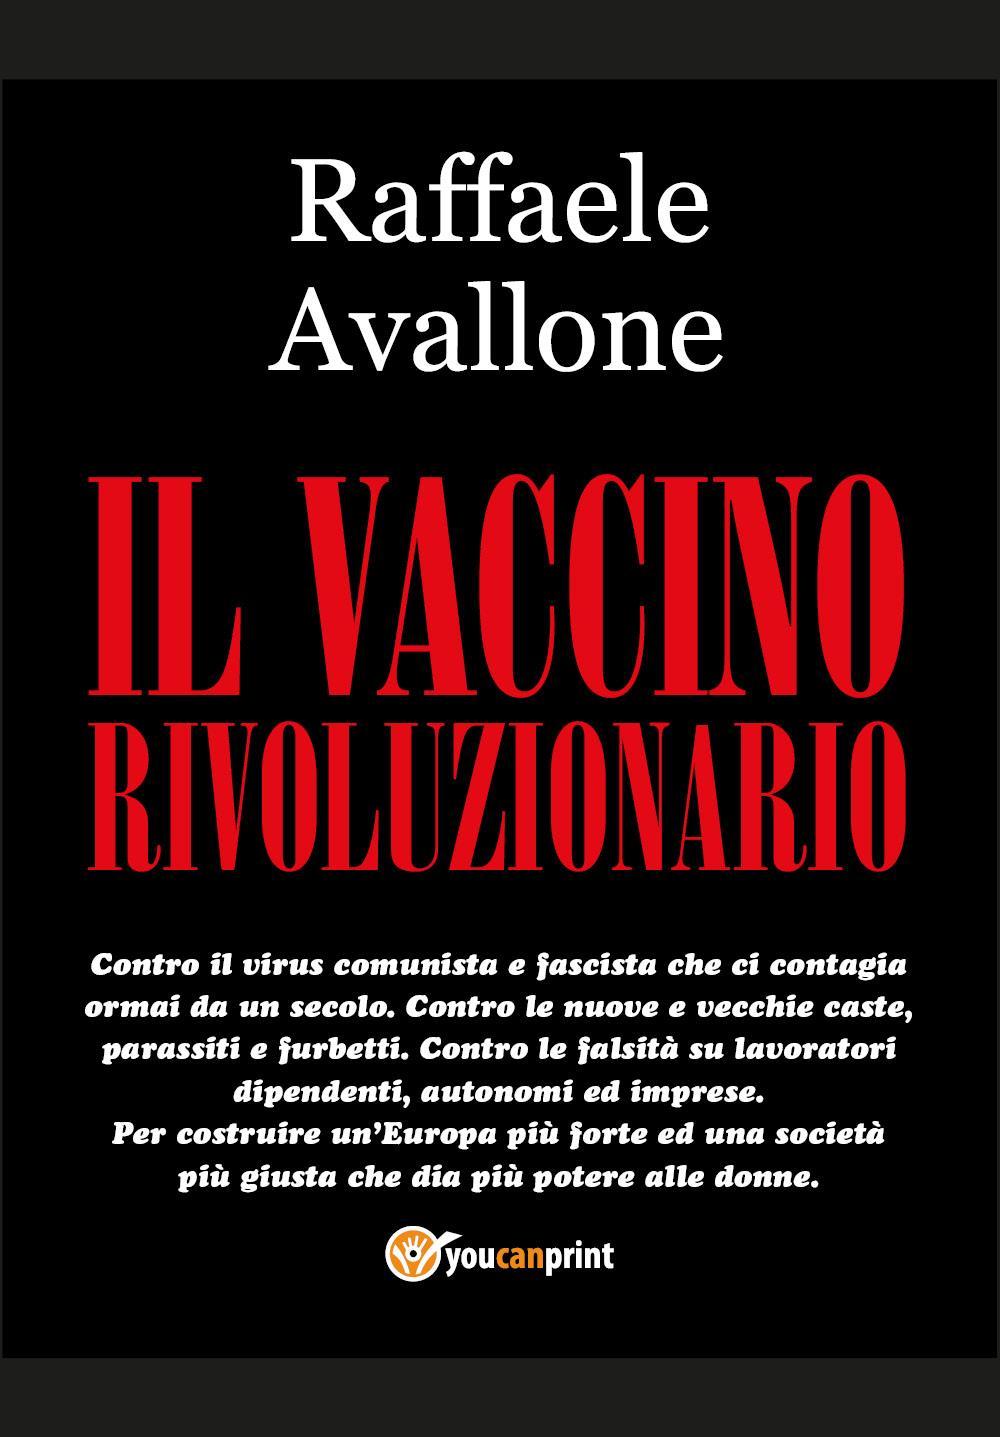 Il vaccino rivoluzionario